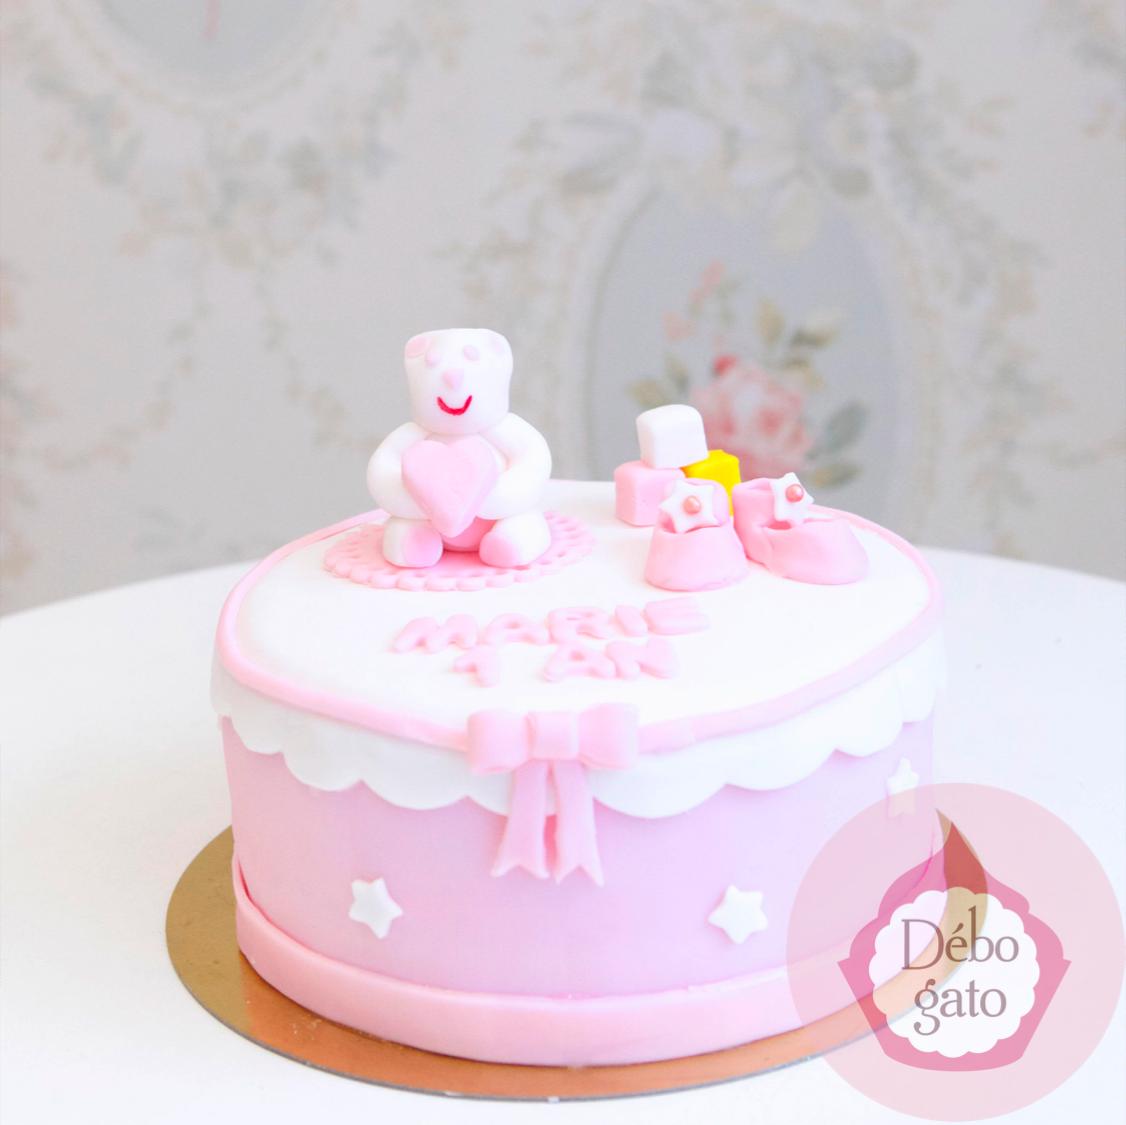 Gâteau 1 an, Baby Shower, Naissance, Ourson, Ours en peluche, Cubes,Chaussons, Bébé, Baby, Teddy Bear, Rose, Bleu, Pastel, Layette, Fleurs, Perles, Dragées, Gâteaux personnalisés, Gâteau de naissance